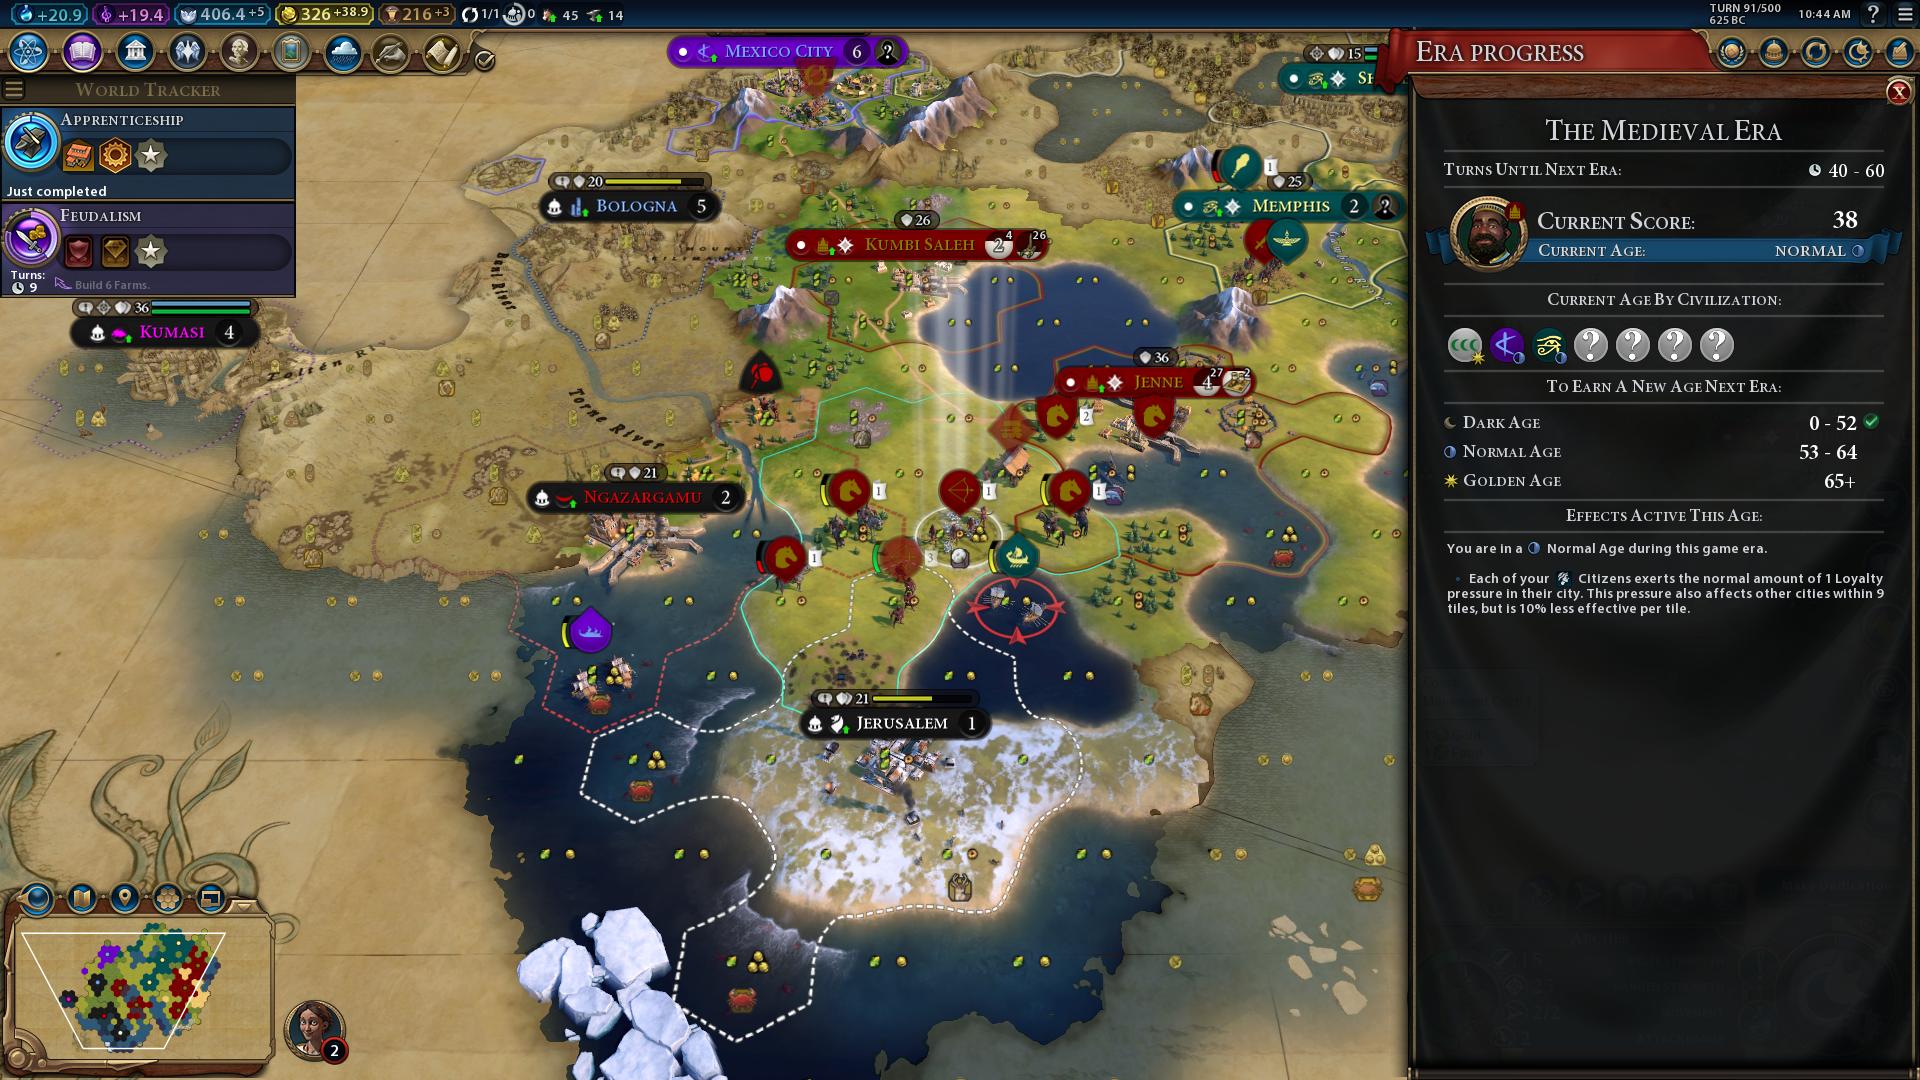 Sid Meier's Civilization VI (DX11) 3_15_2019 10_44_58 AM.png